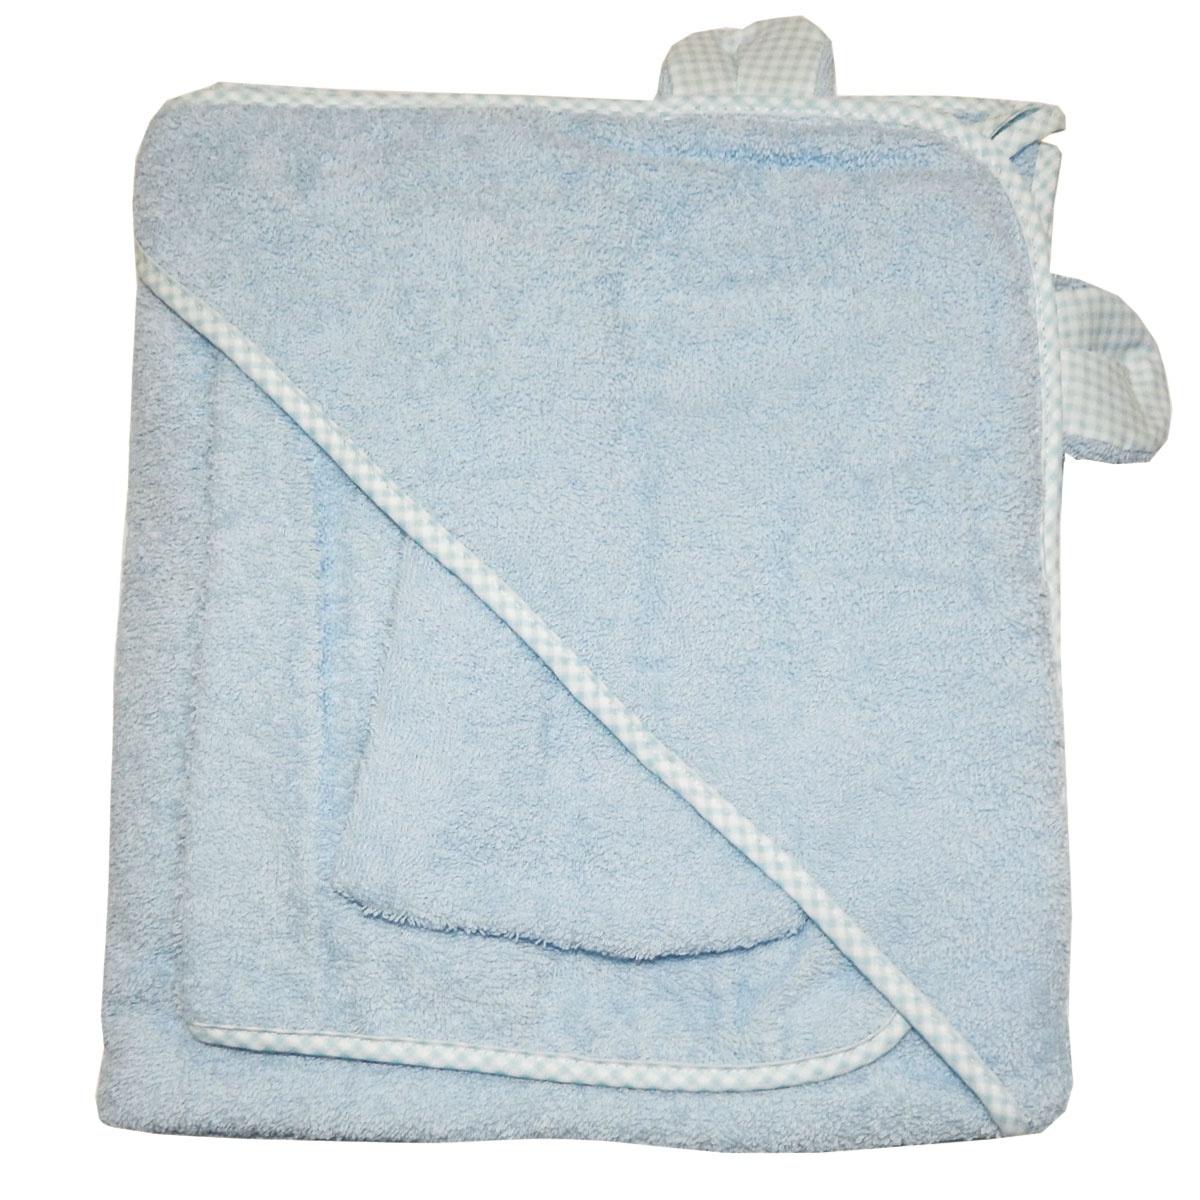 Комплект для купания ПАПИТТО Набор для купания, голубой